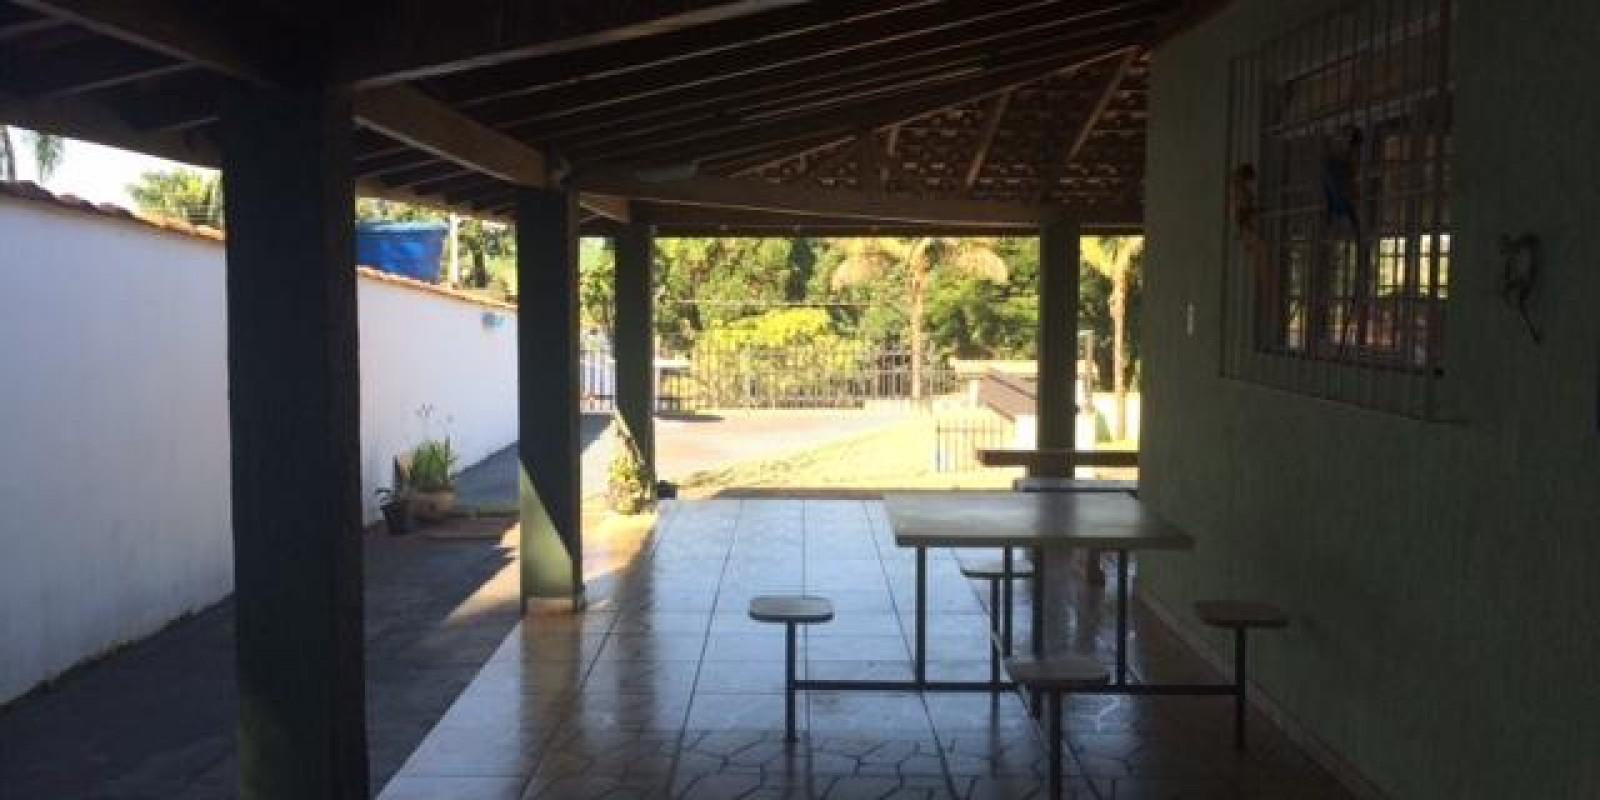 Casa MOBILIADA na Represa no Portal do Catavento em Arandu SP - Foto 8 de 26